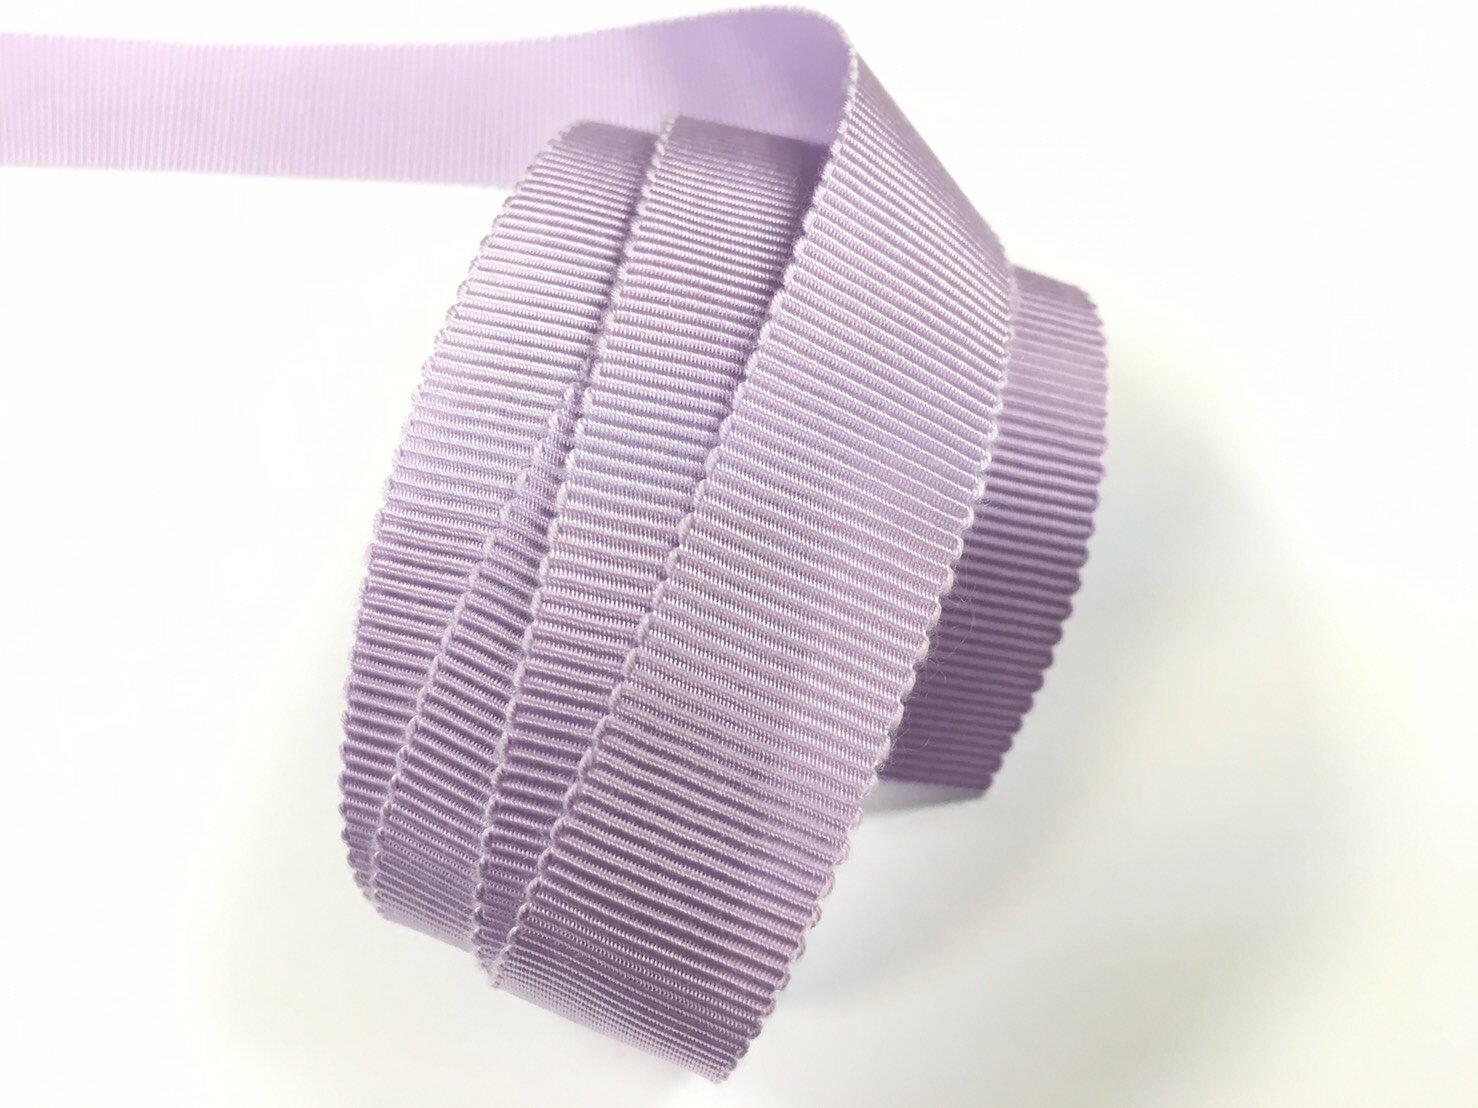 迴紋帶 羅紋緞帶 10mm 3碼 (22色) 日本製造台灣包裝 3